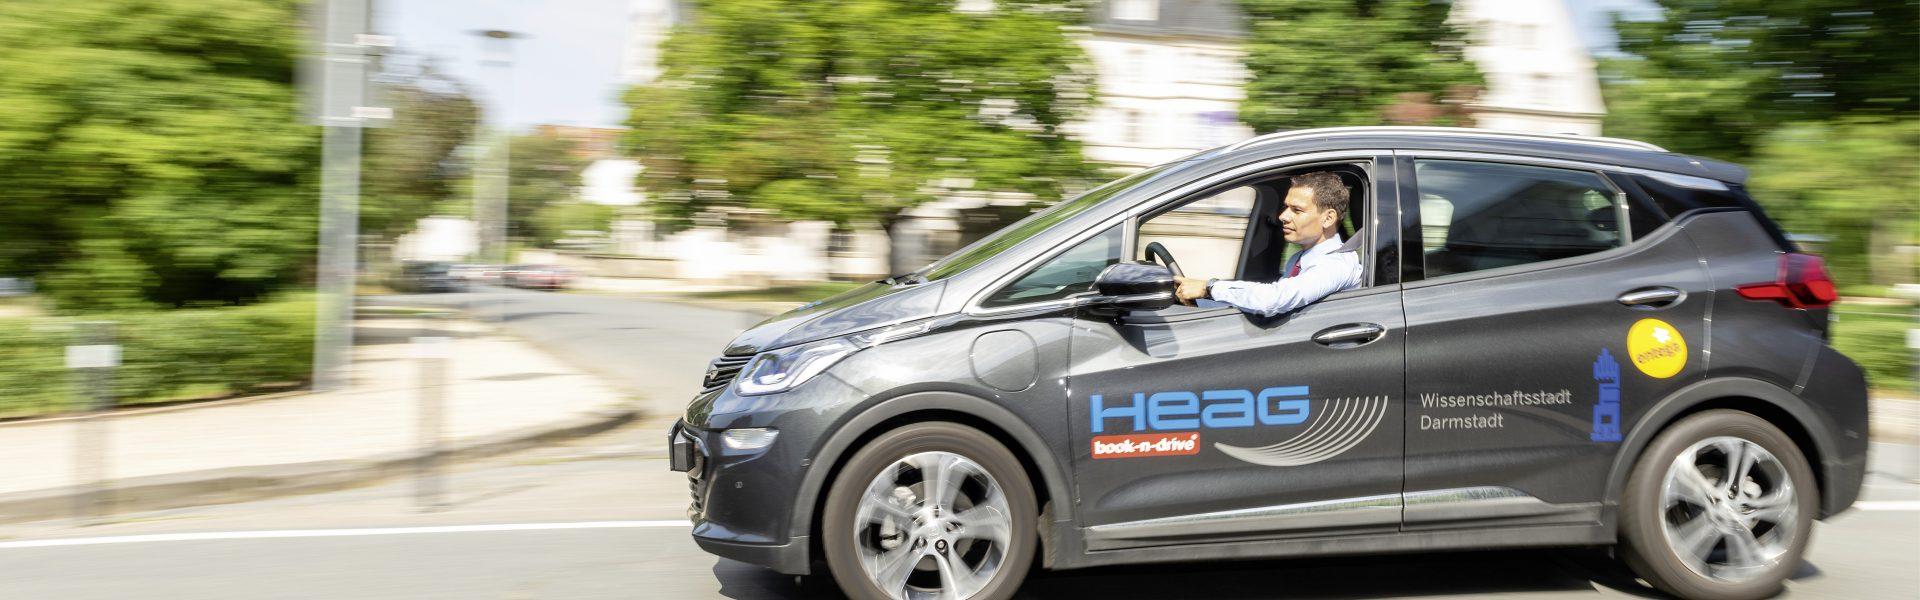 Header Bild Carsharing im Städtevergleich: Darmstadt belegt bundesweit Platz 9